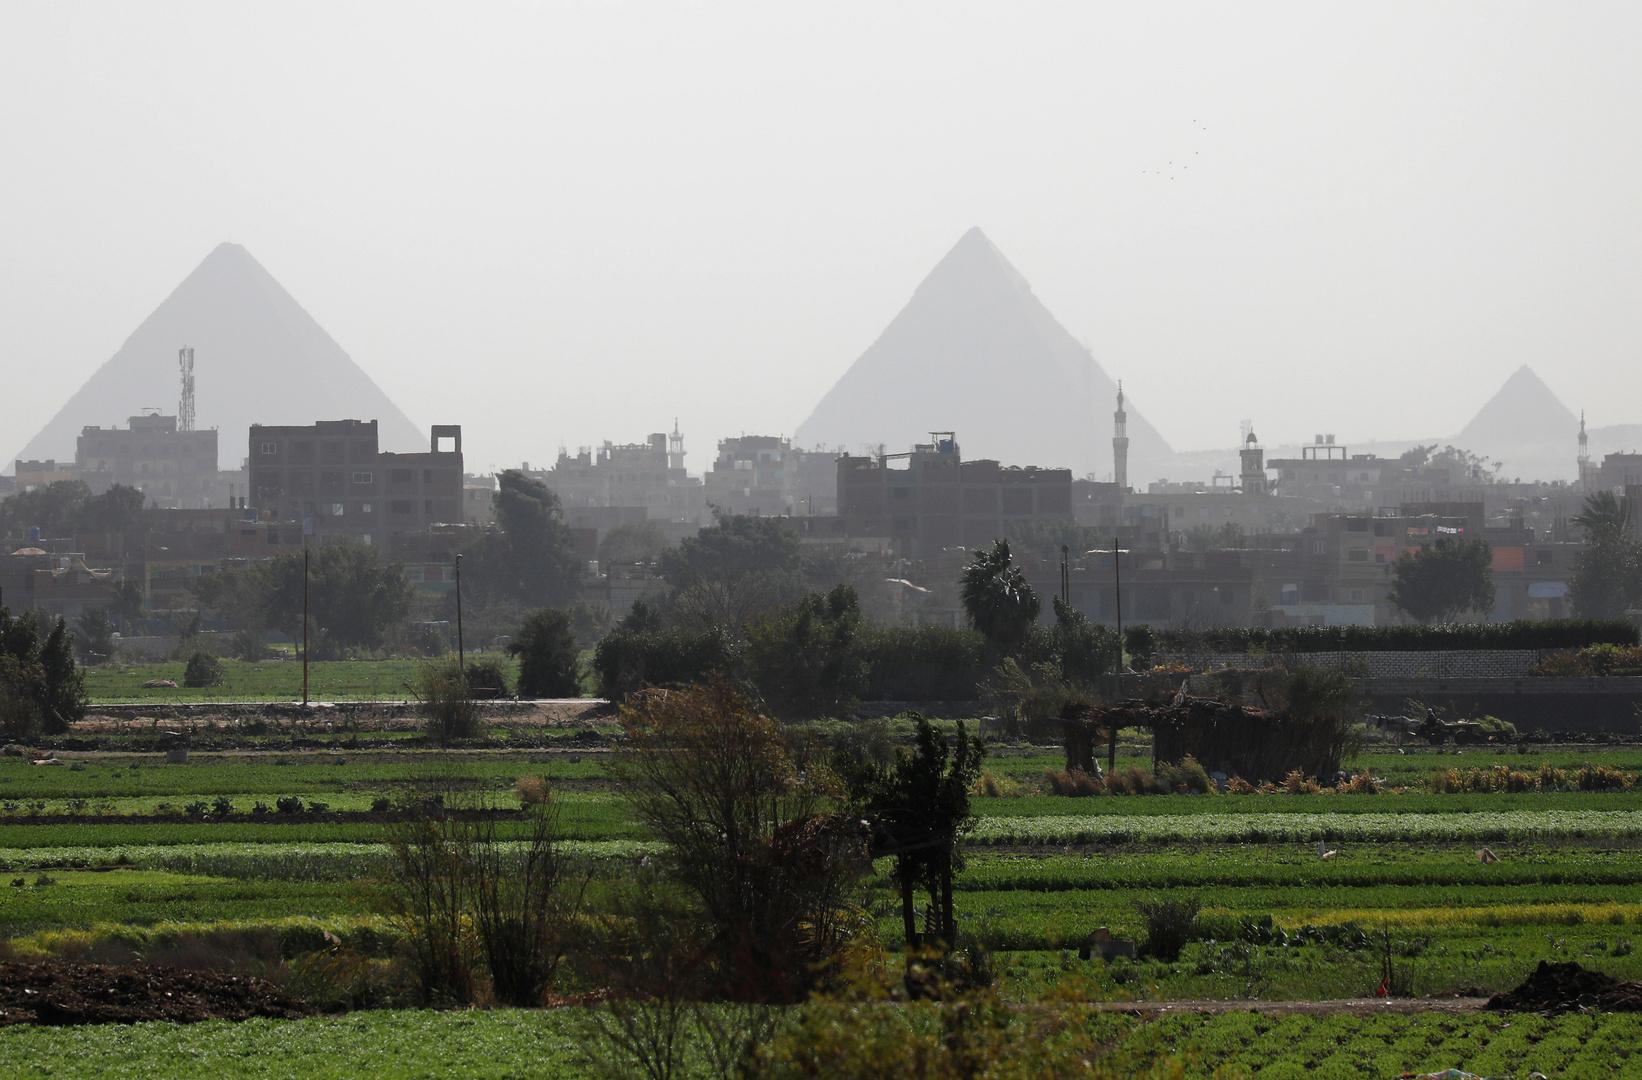 مصر تعلن ارتفاع صادراتها الزراعية